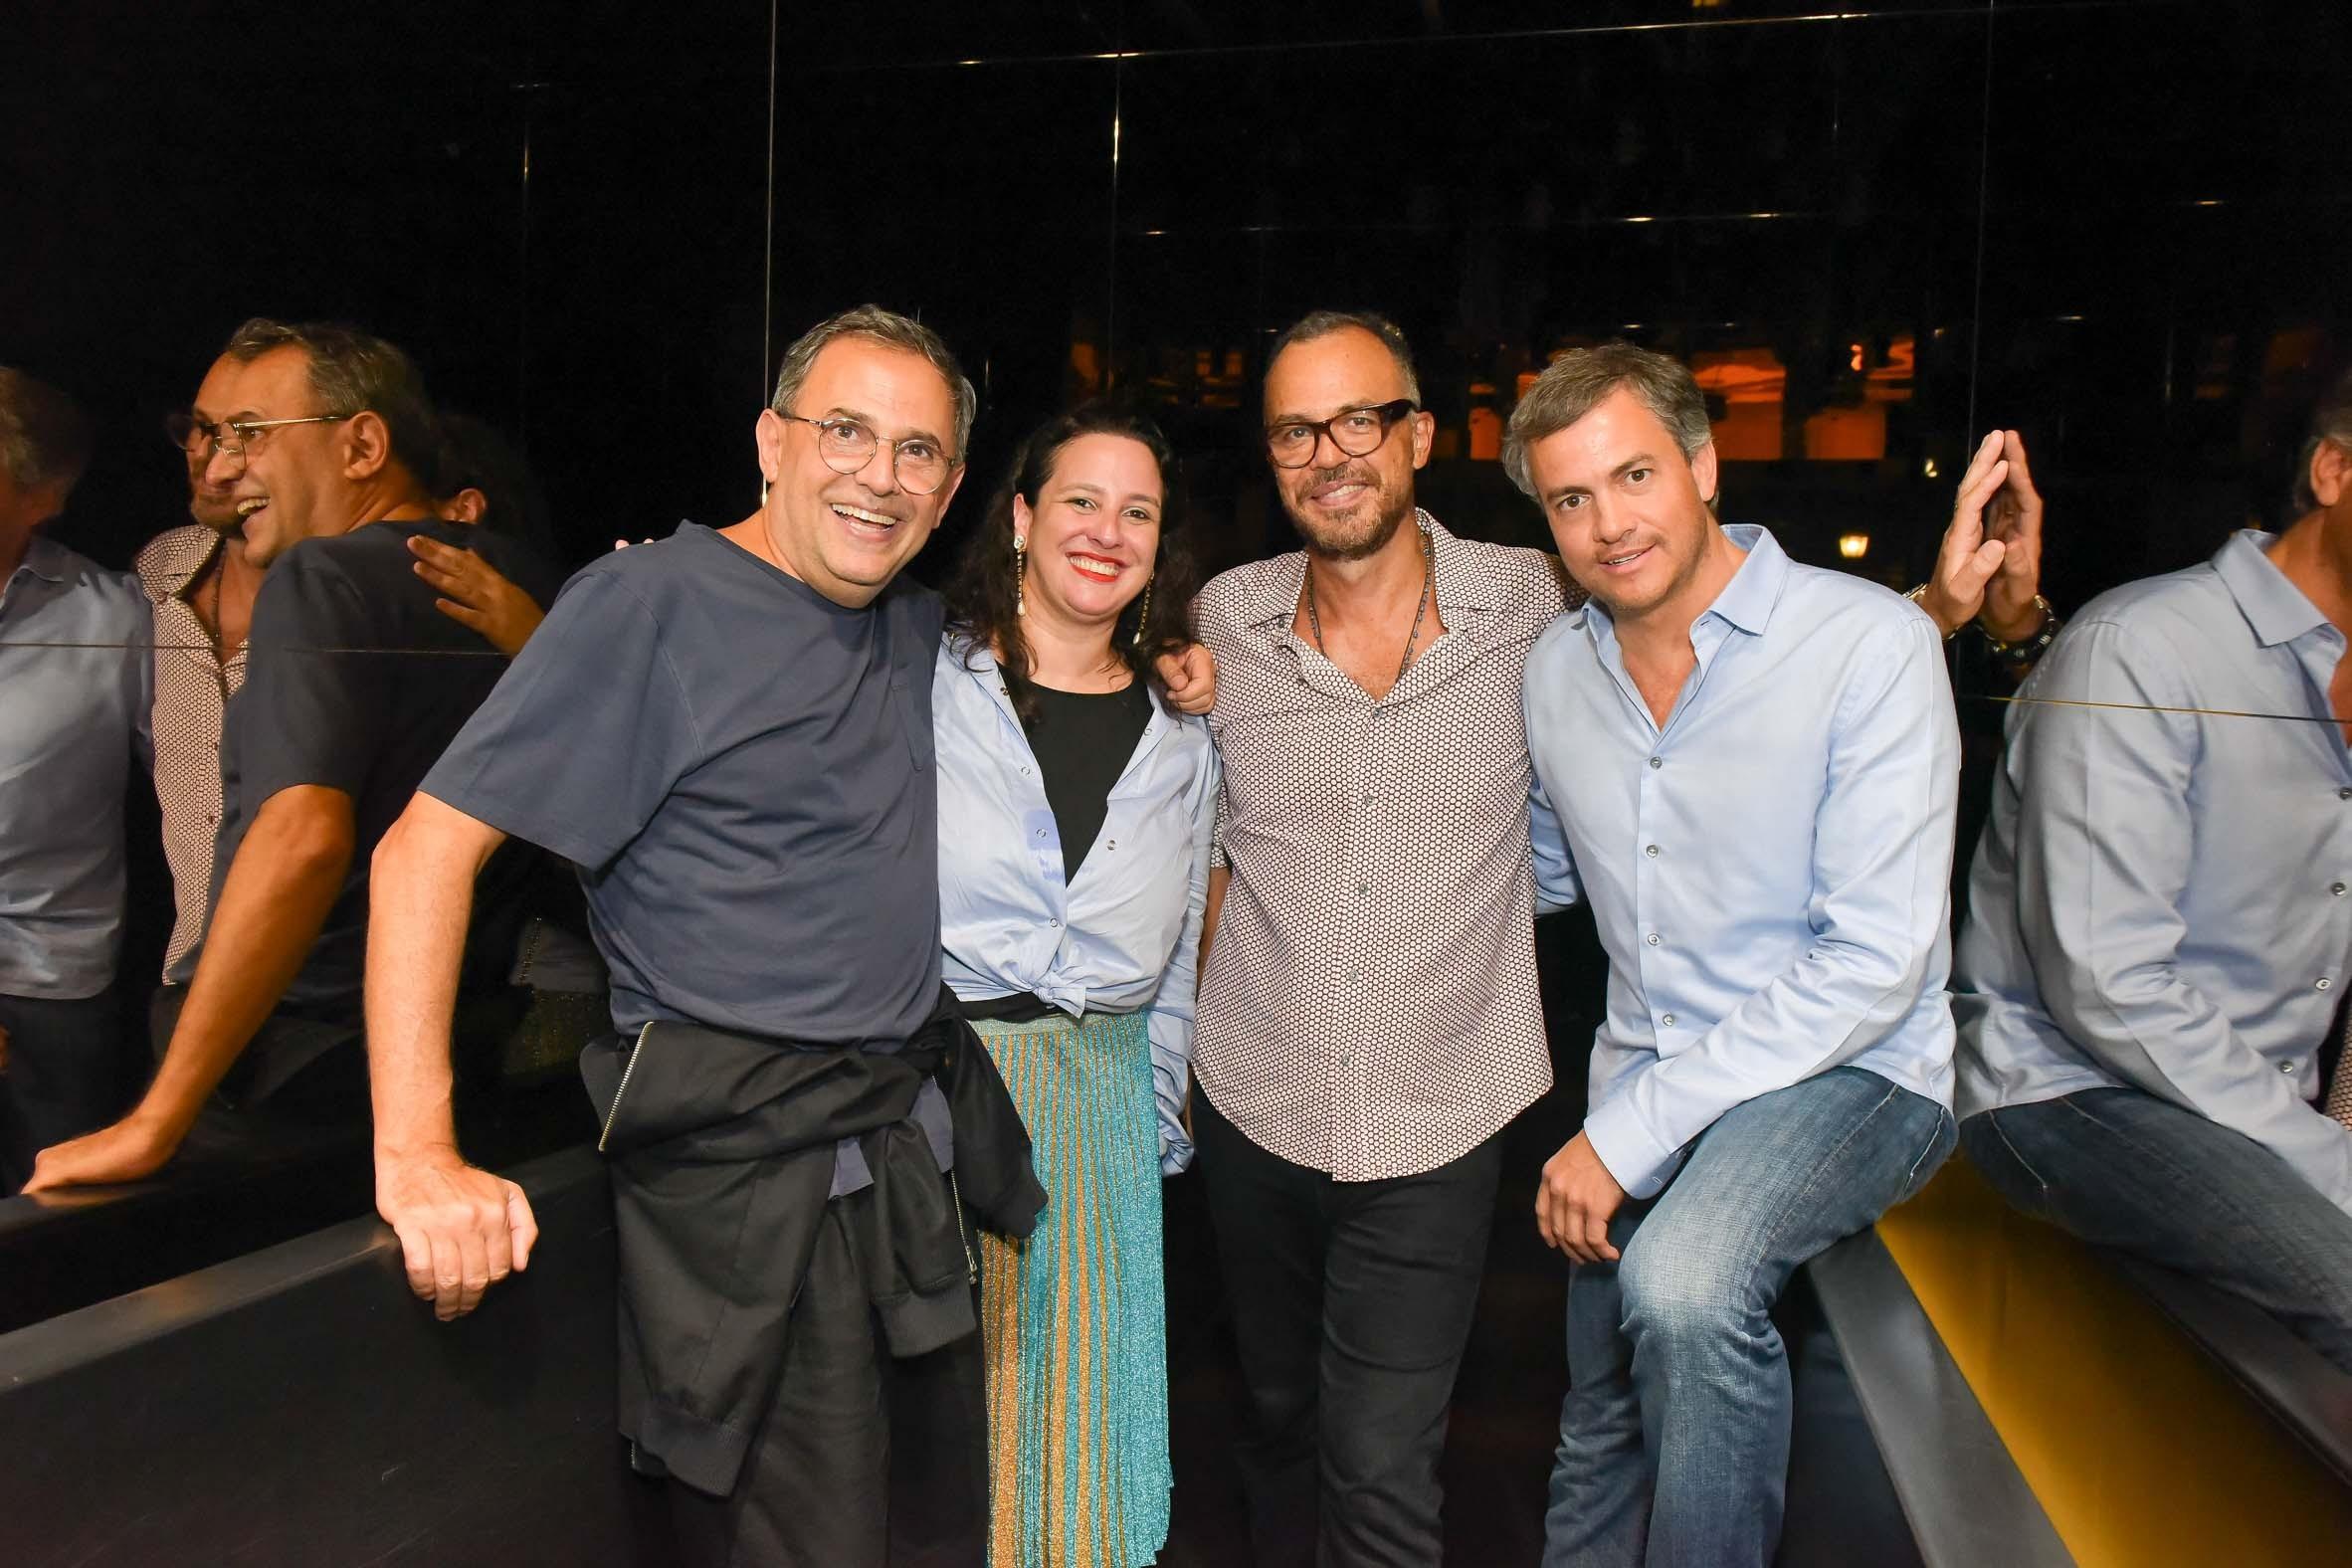 Paulo Borges, Silvia Rogar, Marcos Campos e Christian Branco (Foto: Divulgação)